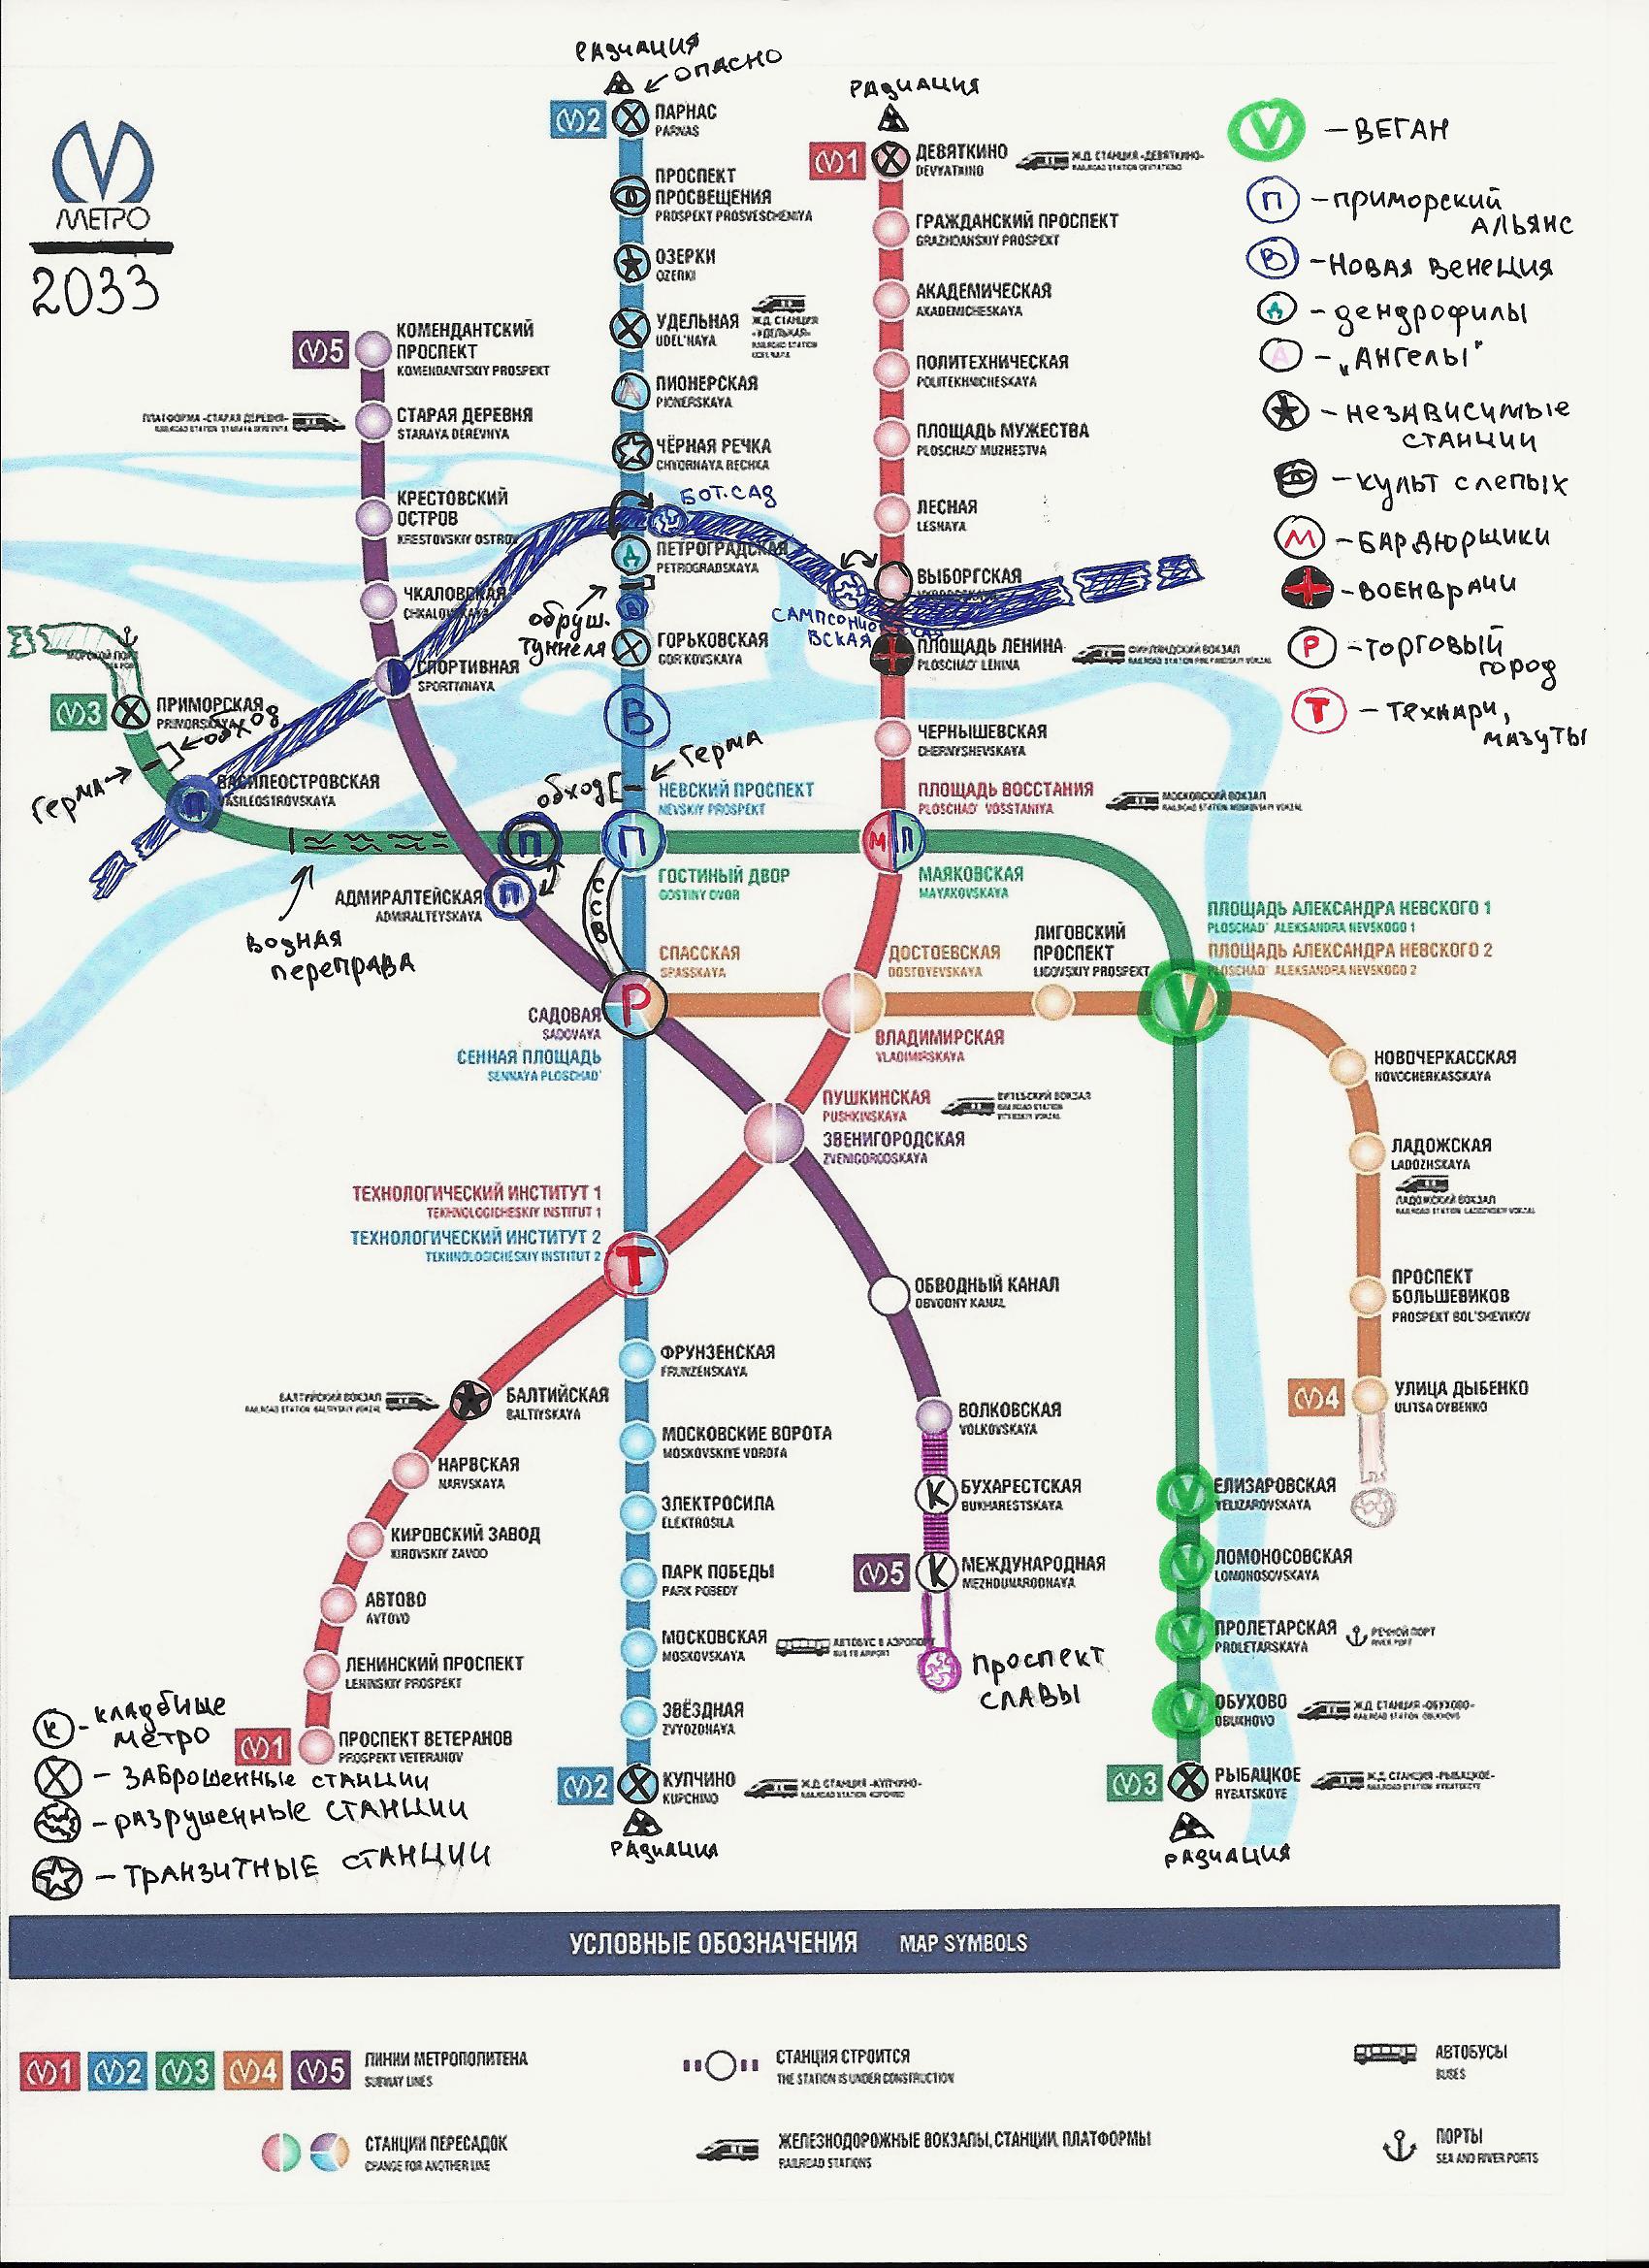 Вселенная метро 2033 скачать бесплатно - 3c